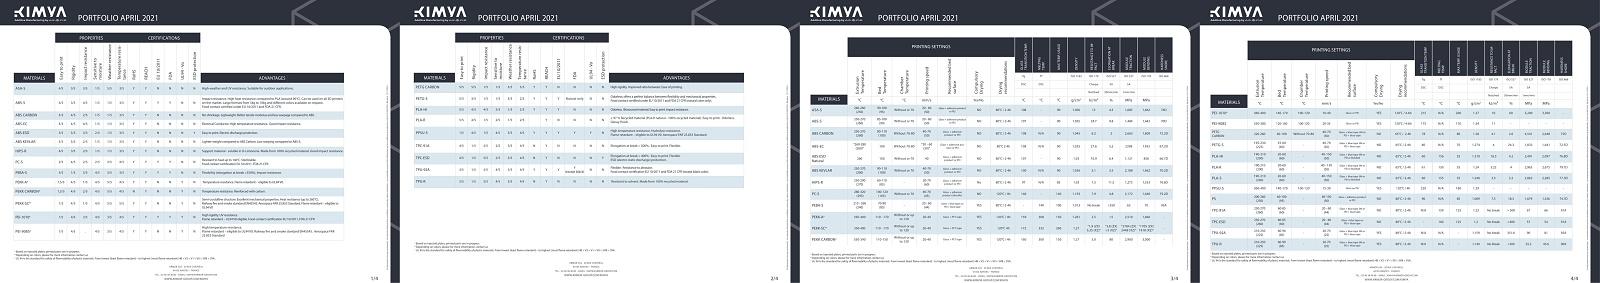 Kimya-Materials-portfolio-2021-Q2